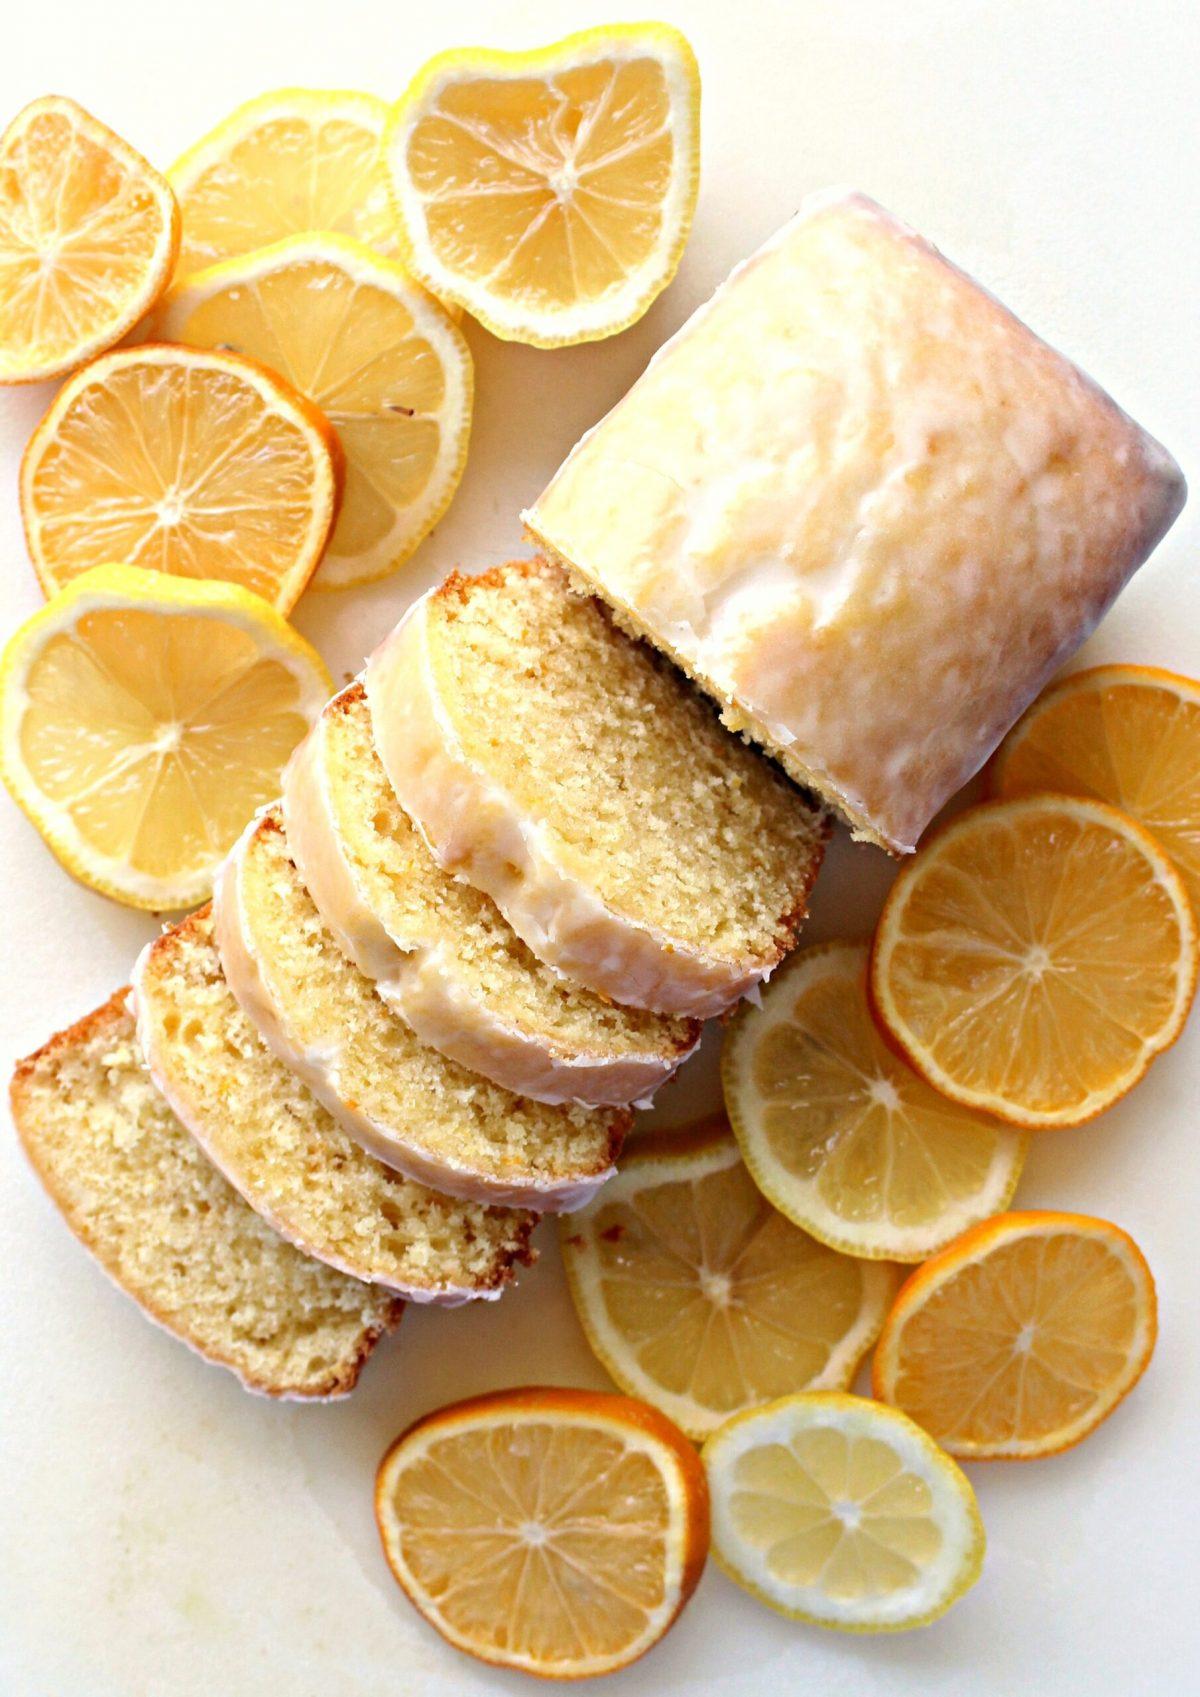 Iced Lemon Loaf sliced to show soft, dense interior.